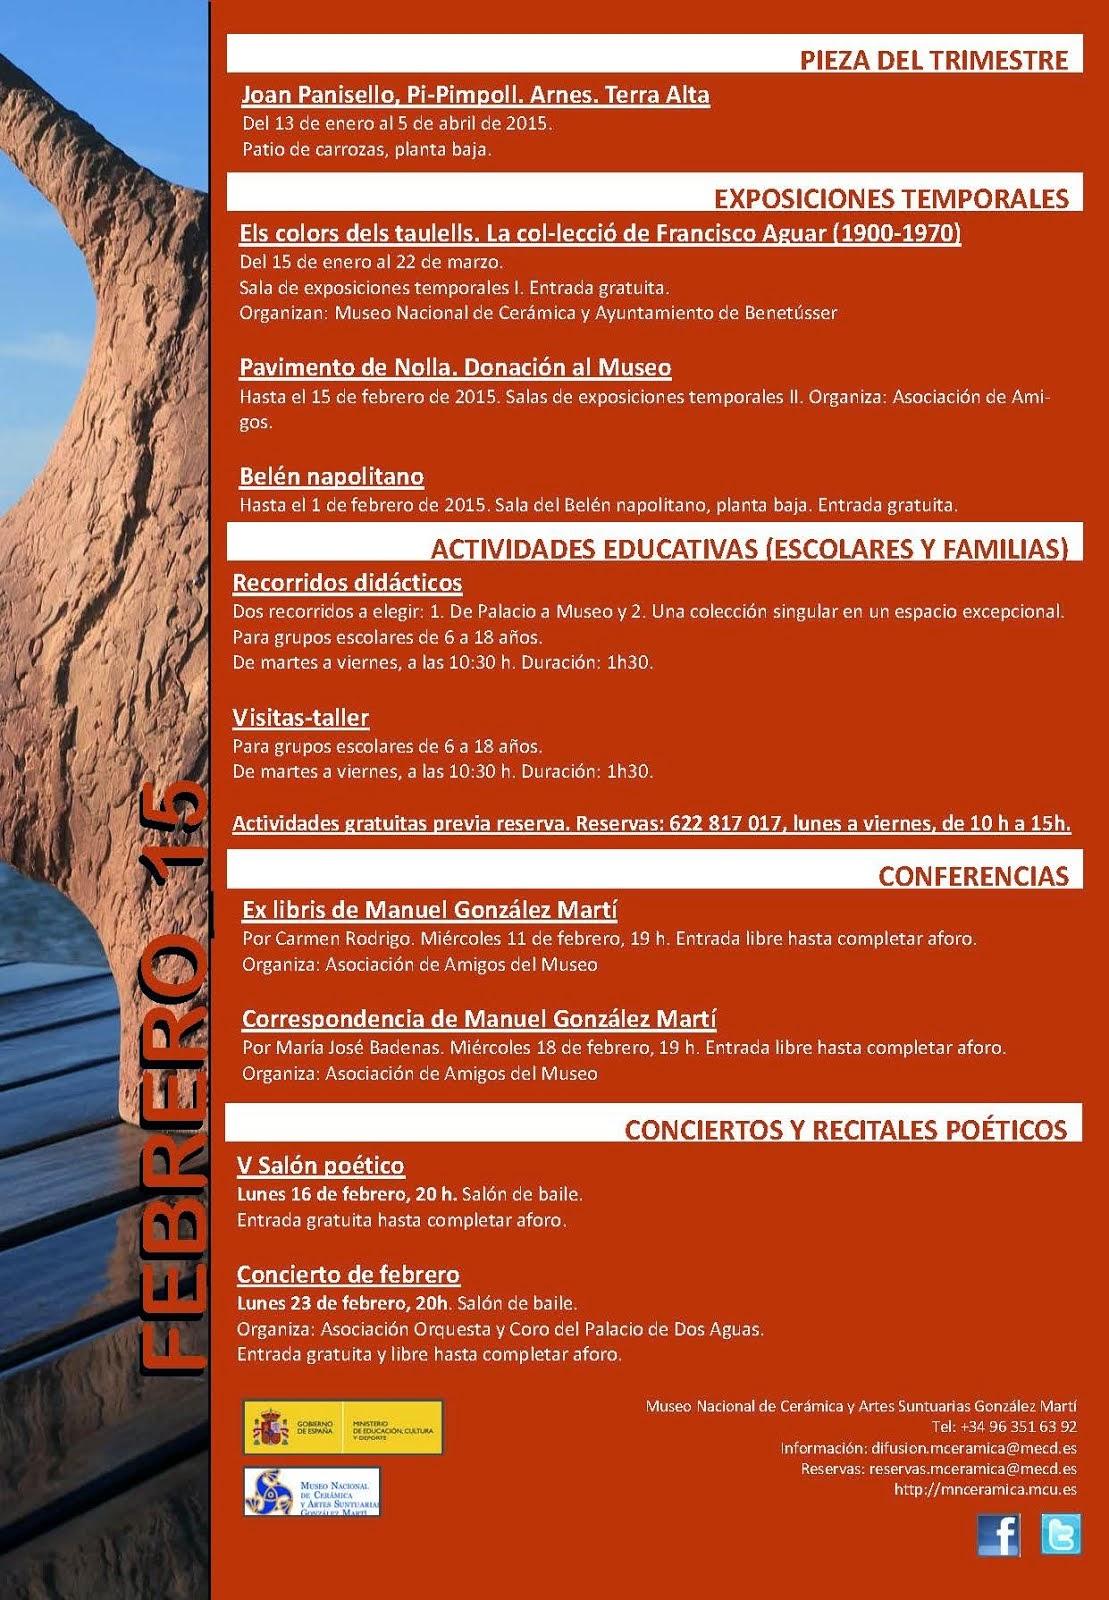 2015.02 ACTIVIDADES DEL MUSEO NACIONAL DE CERÁMICA GONZÁLEZ MARTÍ EN VALENCIA